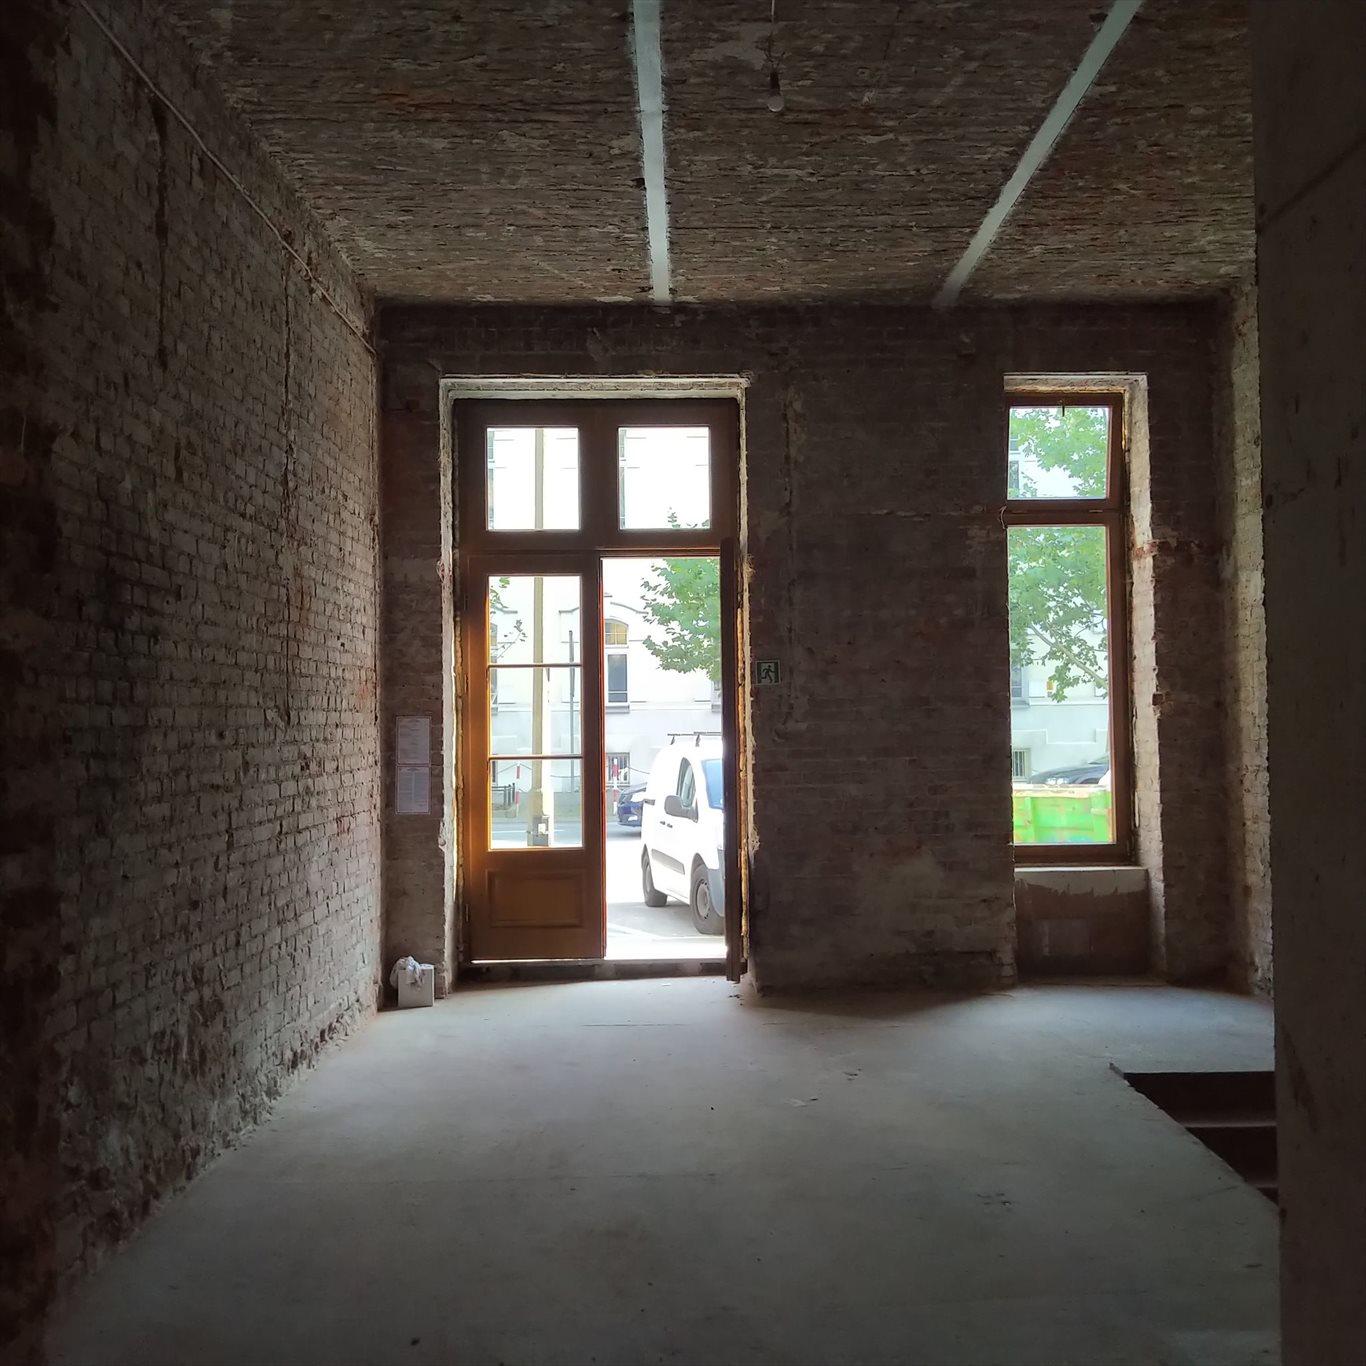 Lokal użytkowy na sprzedaż Warszawa, Praga-Północ, Jagiellońska  121m2 Foto 2